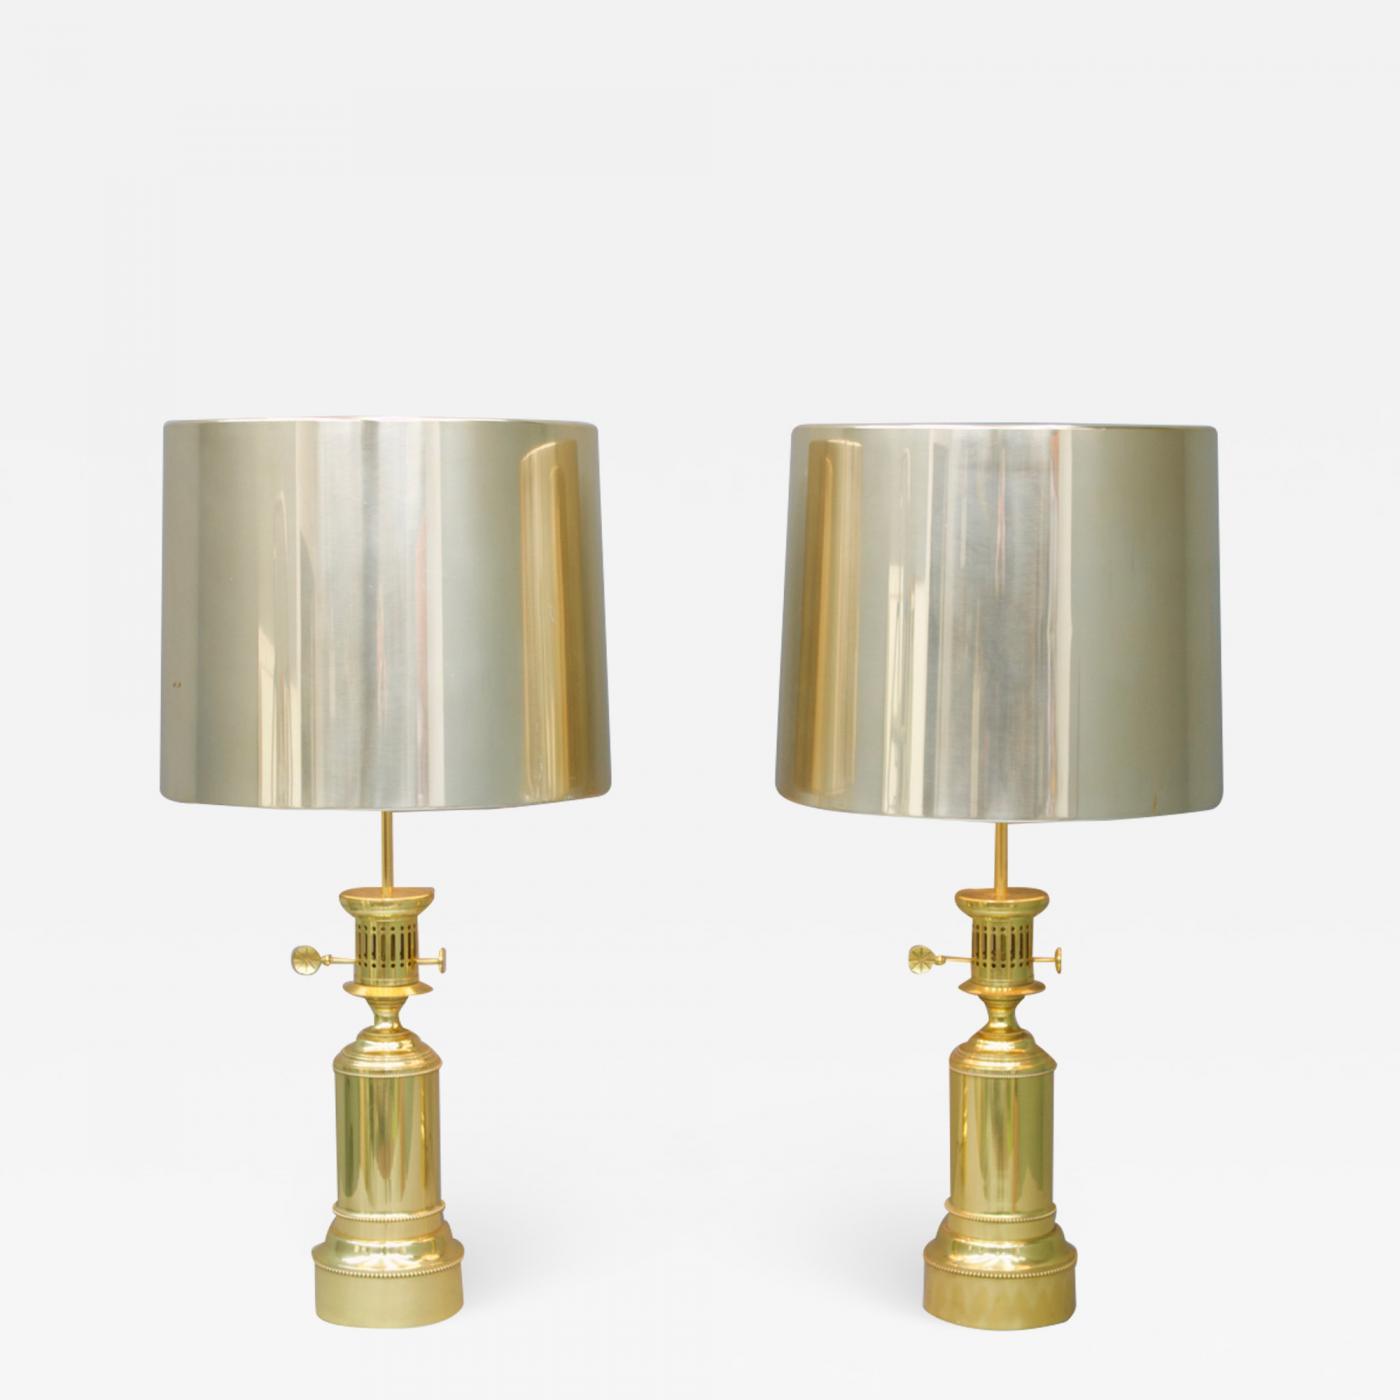 Vereinigte Werkstatten Pair Of Large Brass Table Lamps By Vereinigte Werkstatten Germany 1960s